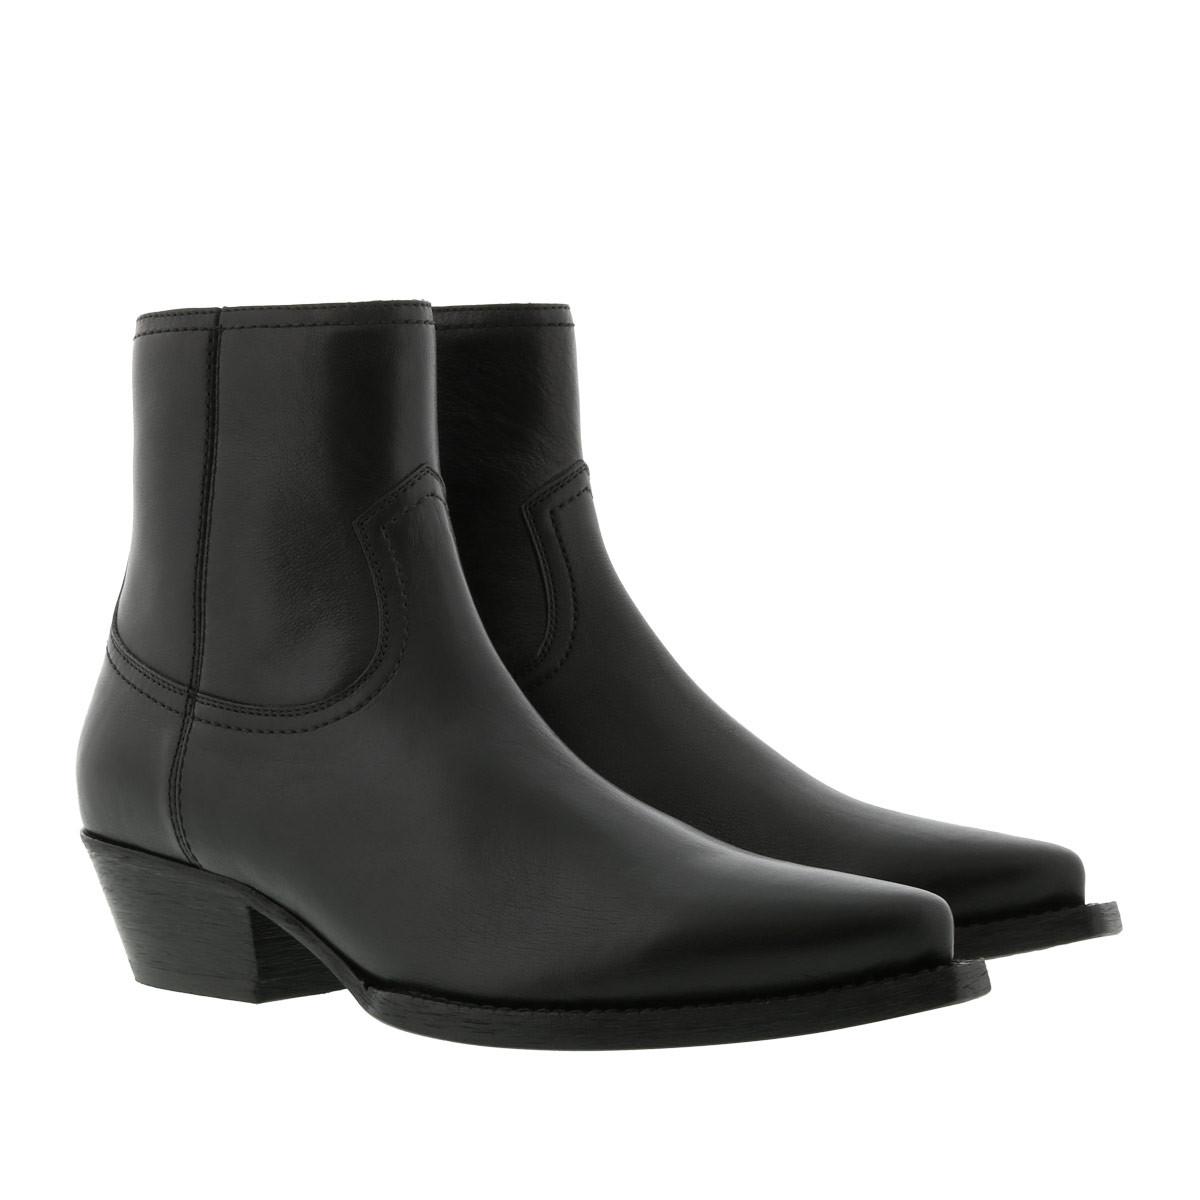 Saint Laurent Boots - Lukas Boots 40 Noir - in schwarz - für Damen